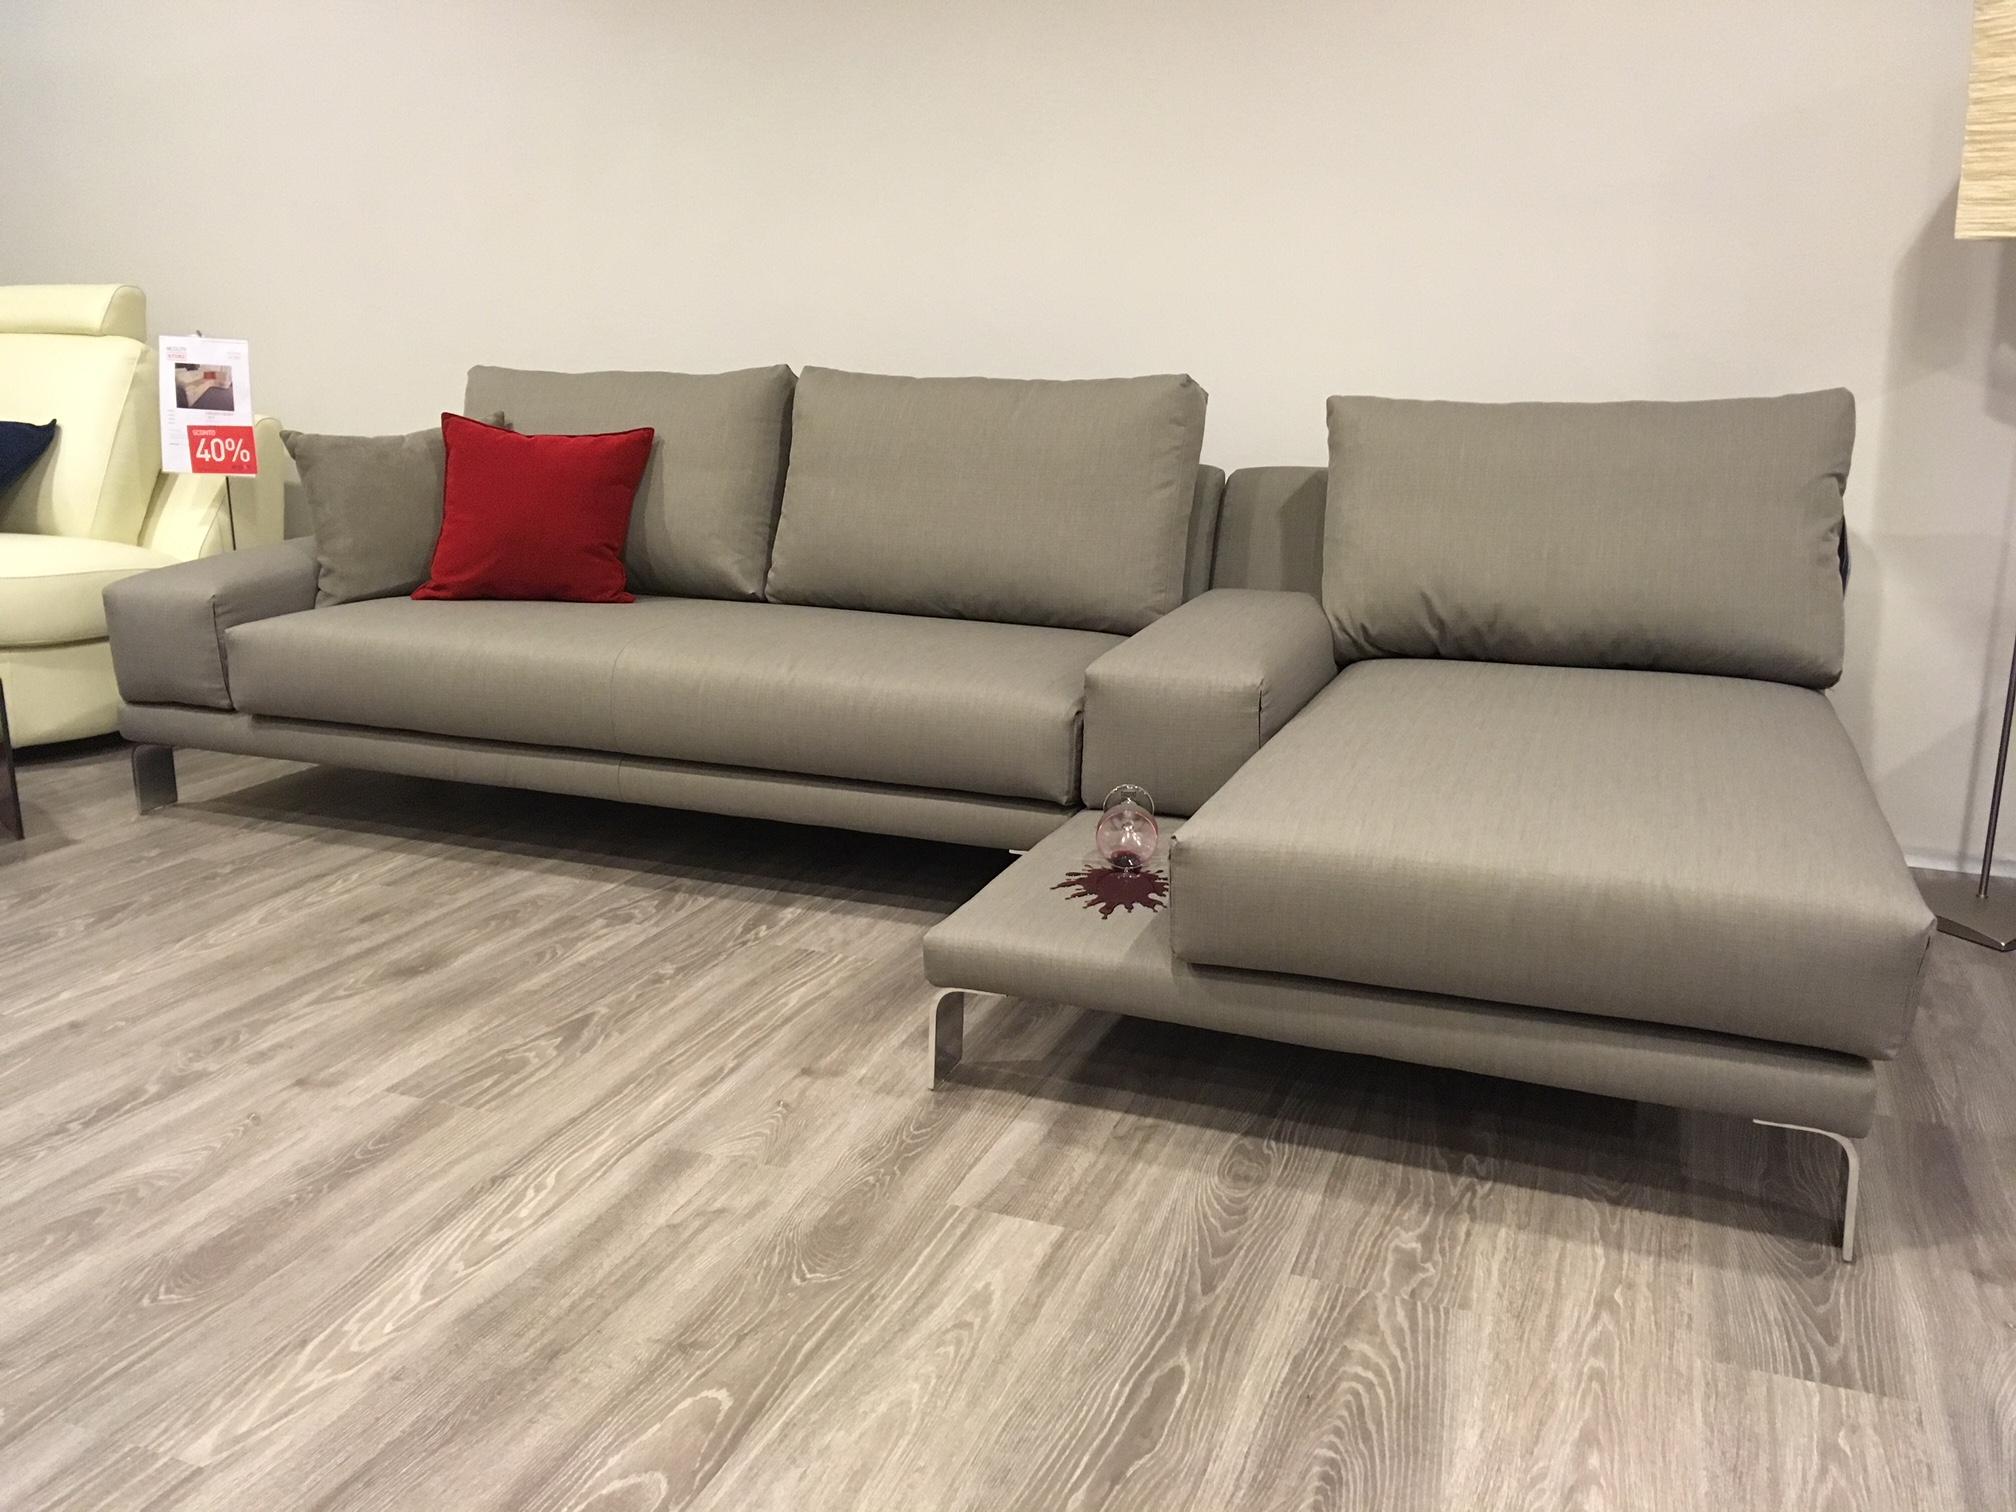 Divano Tessuto Antimacchia Opinioni logan di doimo salotti - sofa store